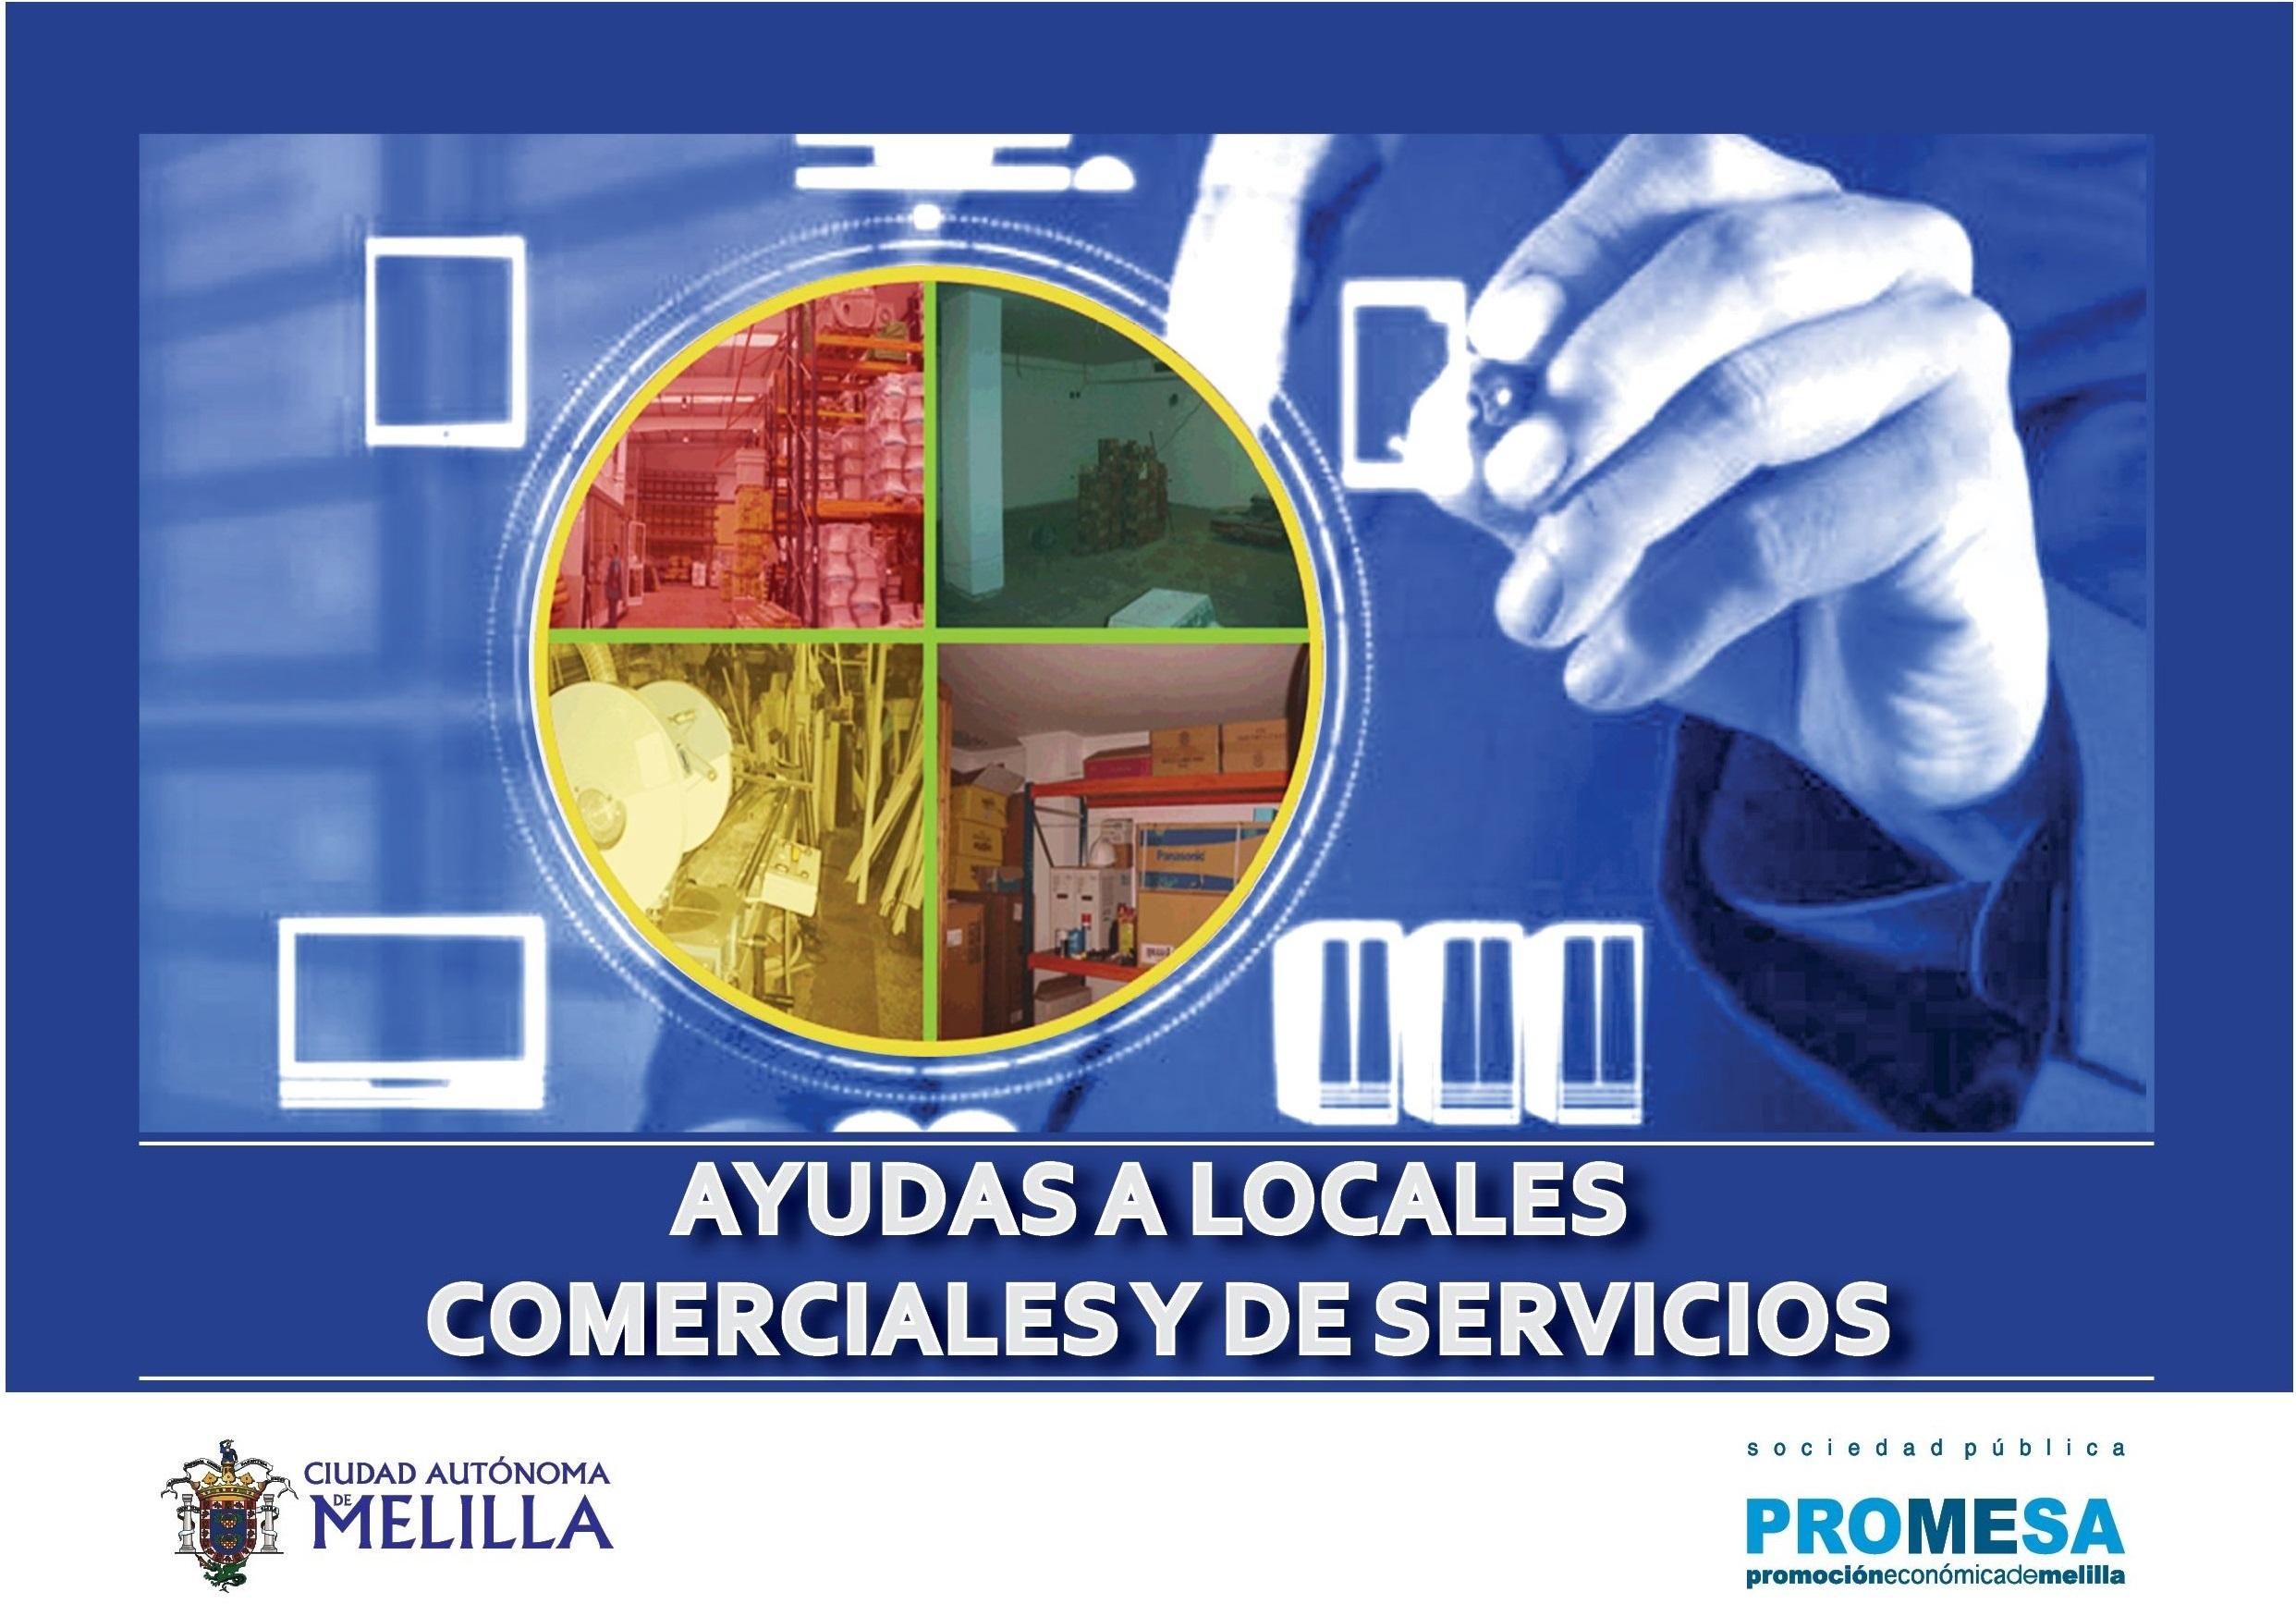 ABIERTO EL PLAZO DE SOLICITUD DE LAS AYUDAS A LOCALES COMERCIALES Y DE SERVICIOS